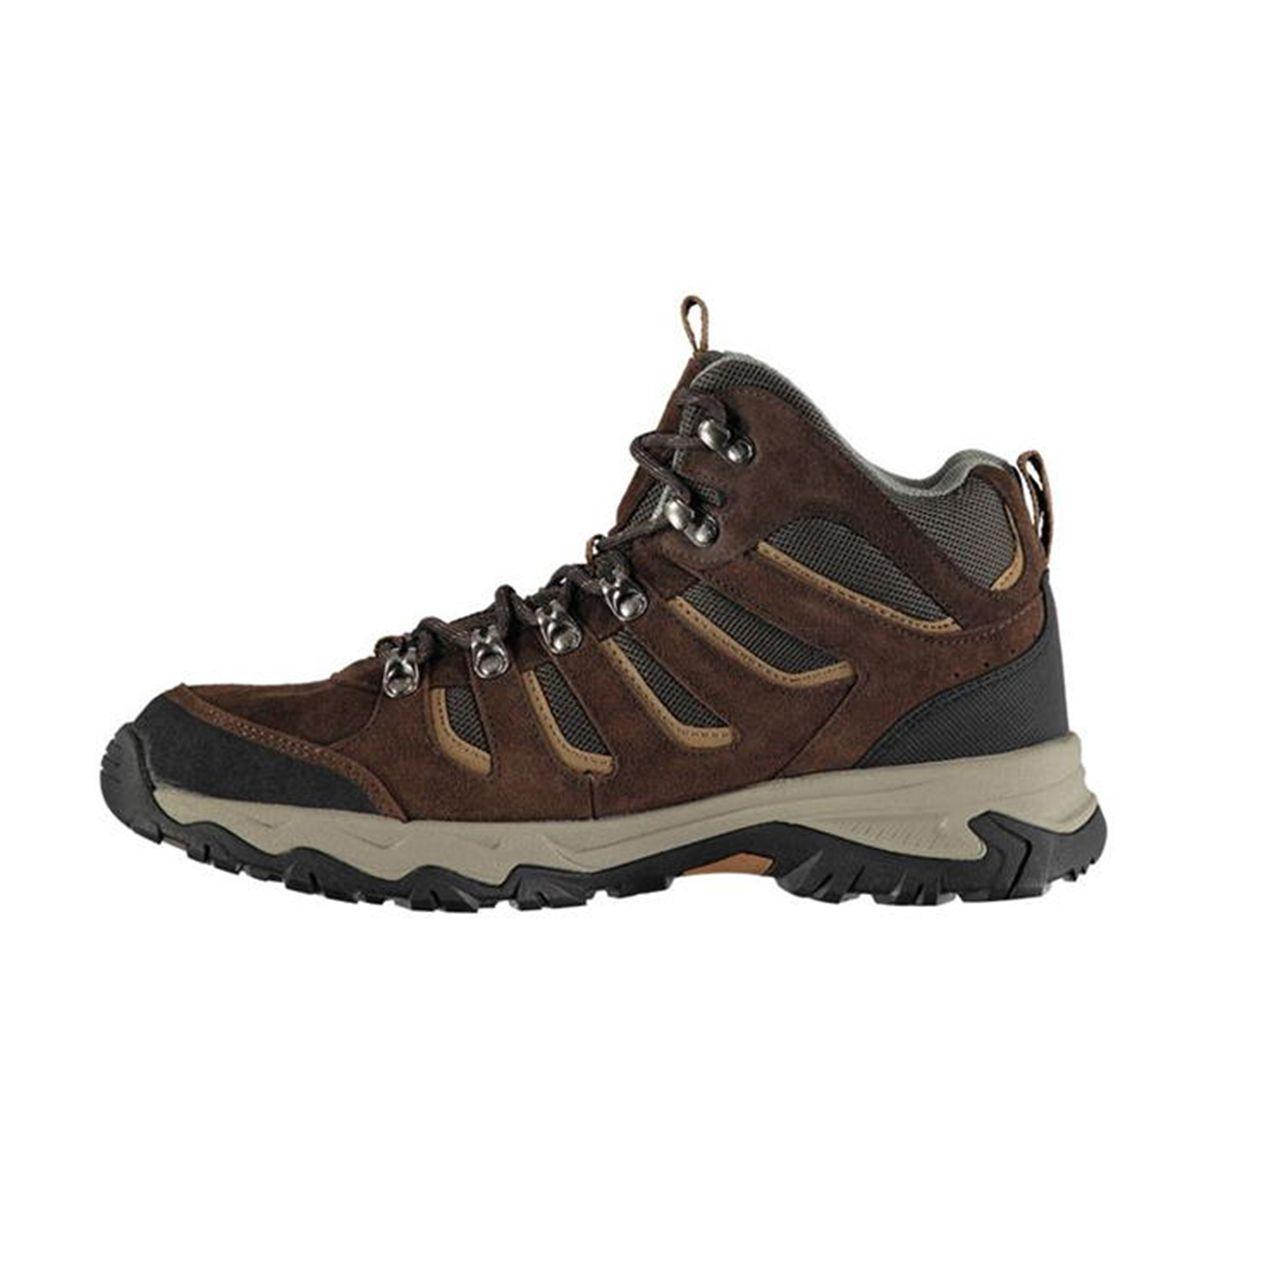 کفش کوهنوردی مردانه کریمور مدل 5288